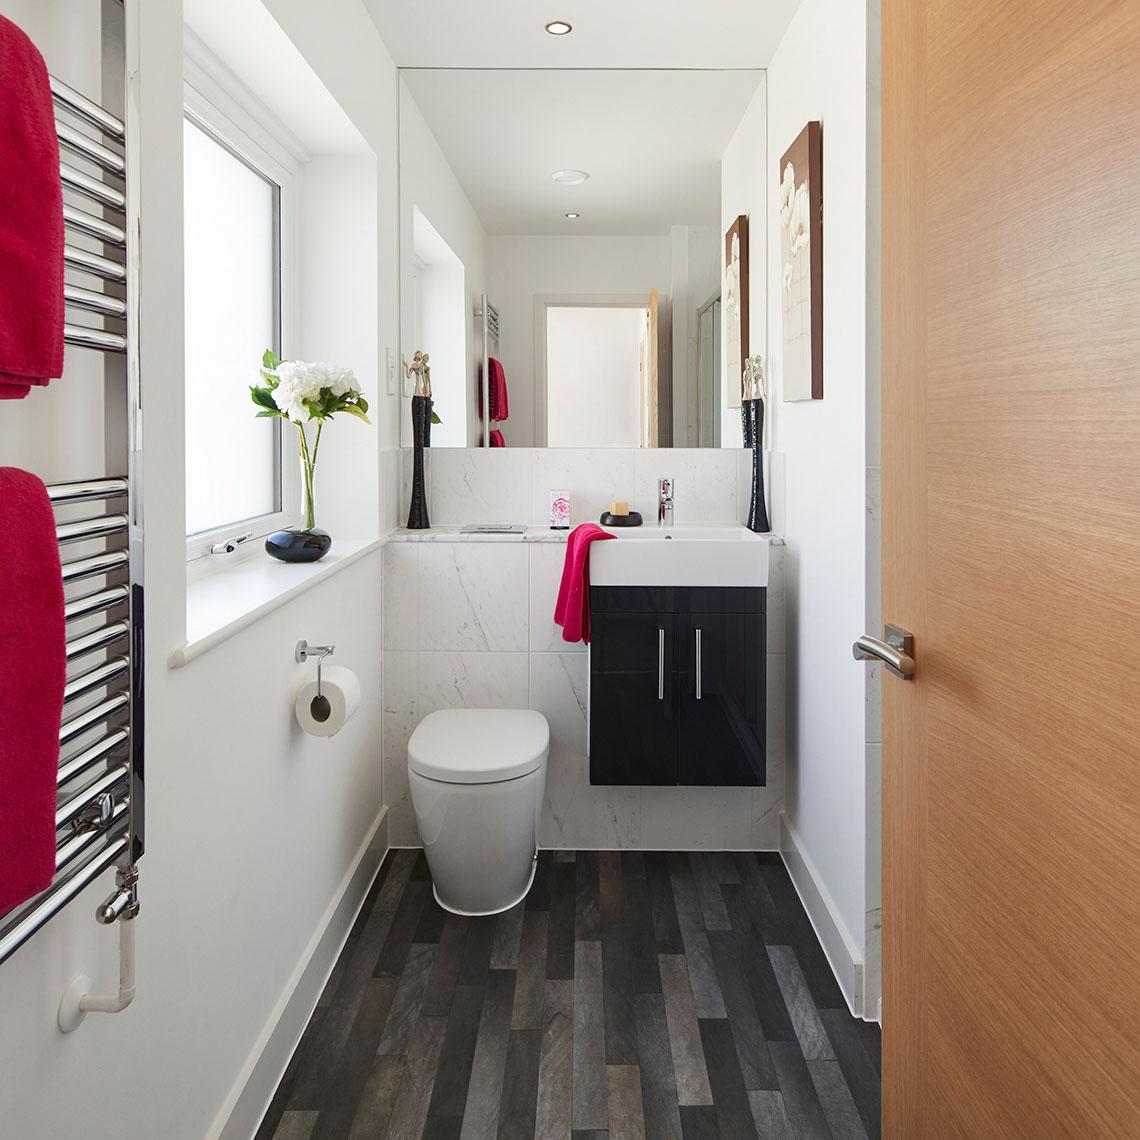 Luxury Bathroom, En-Suites, Ground Floor Shower Rooms and Cloakrooms